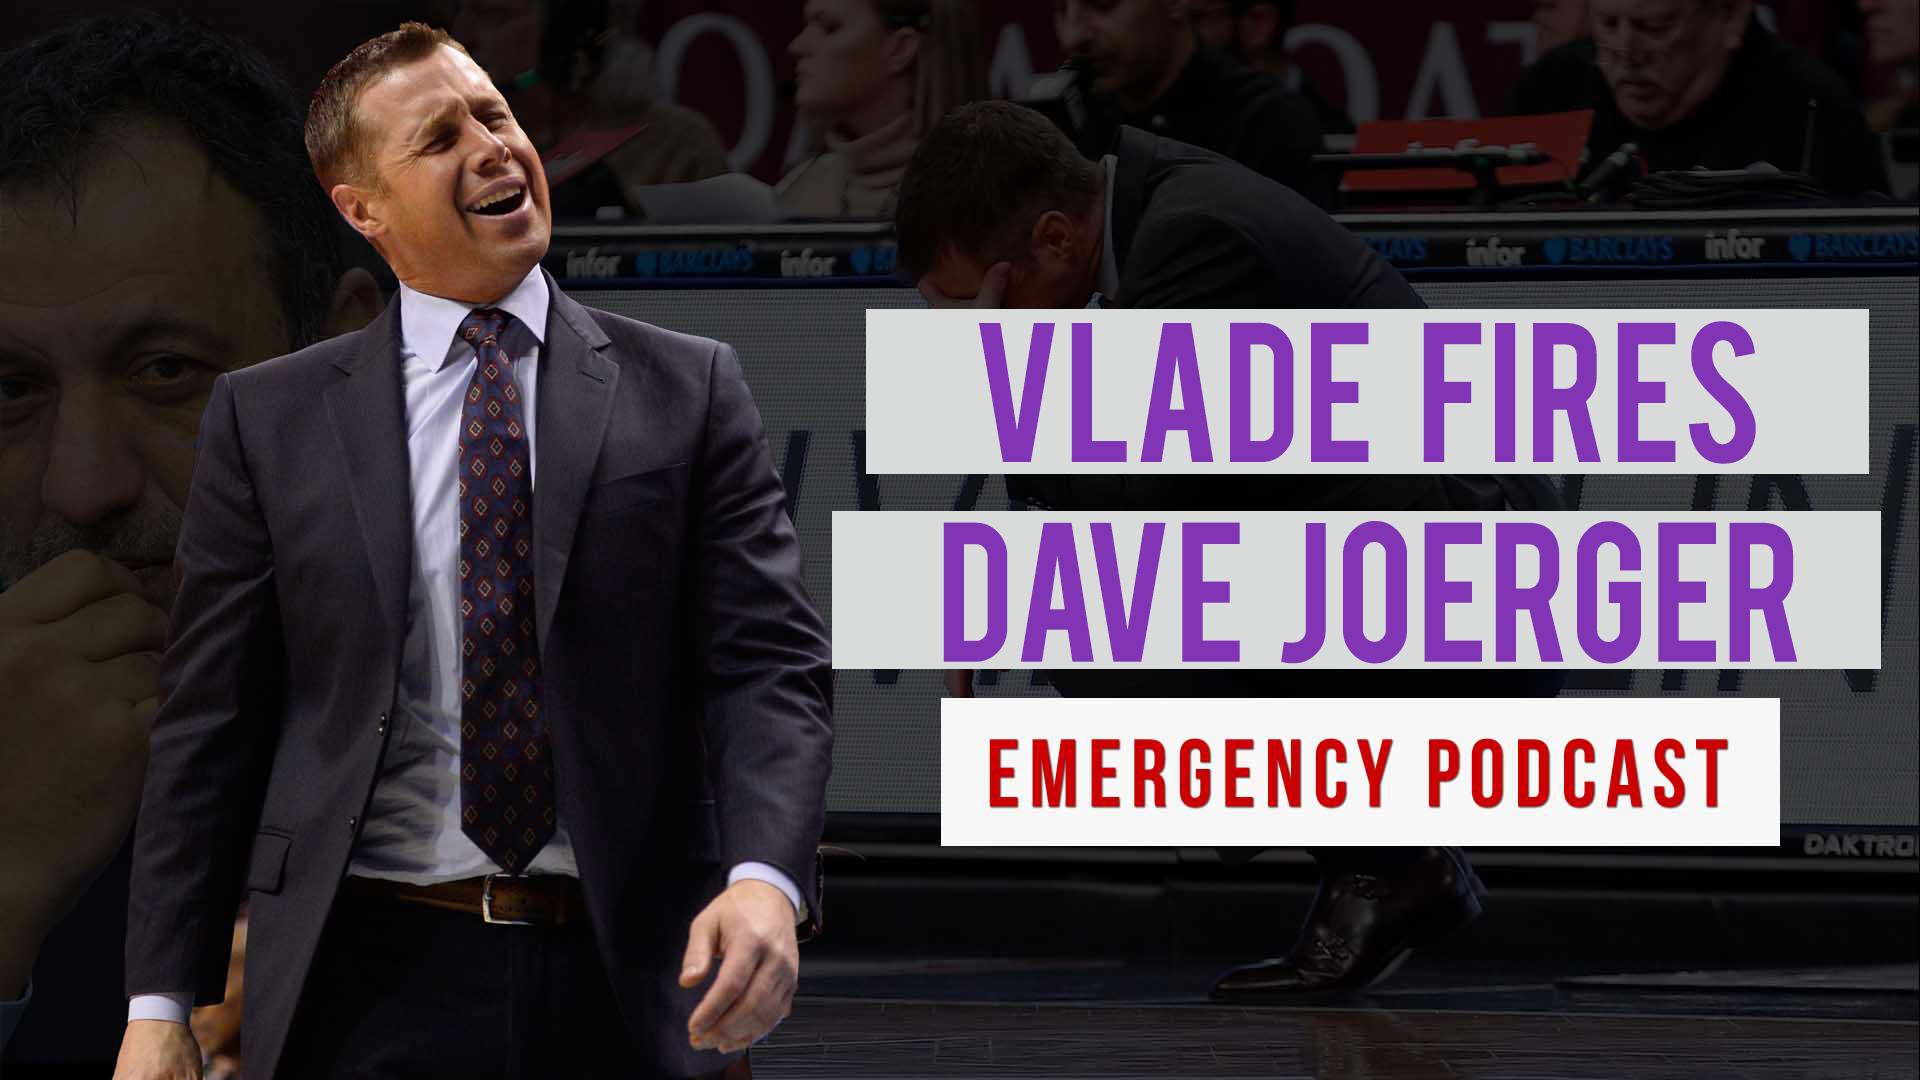 Vlade Divac FIRES Dave Joerger